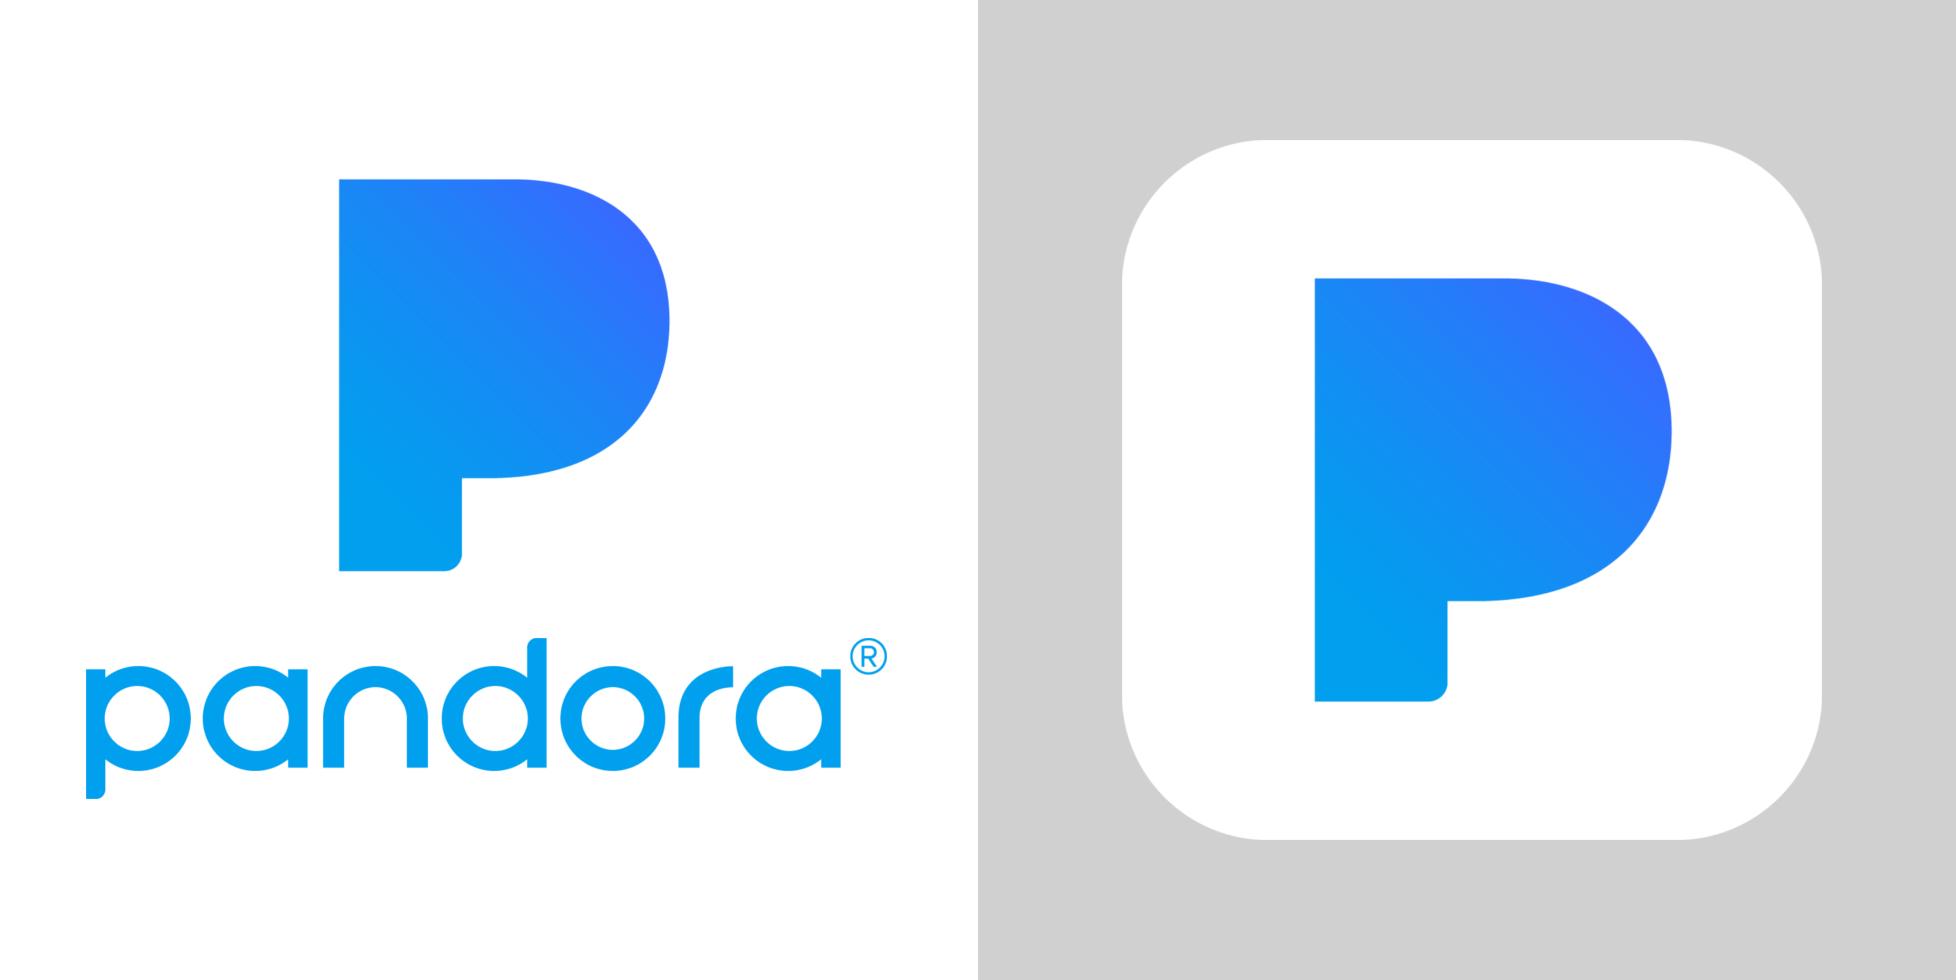 pandora logo eps png transparent pandora logo eps png images pluspng rh pluspng com pandora logo vector download